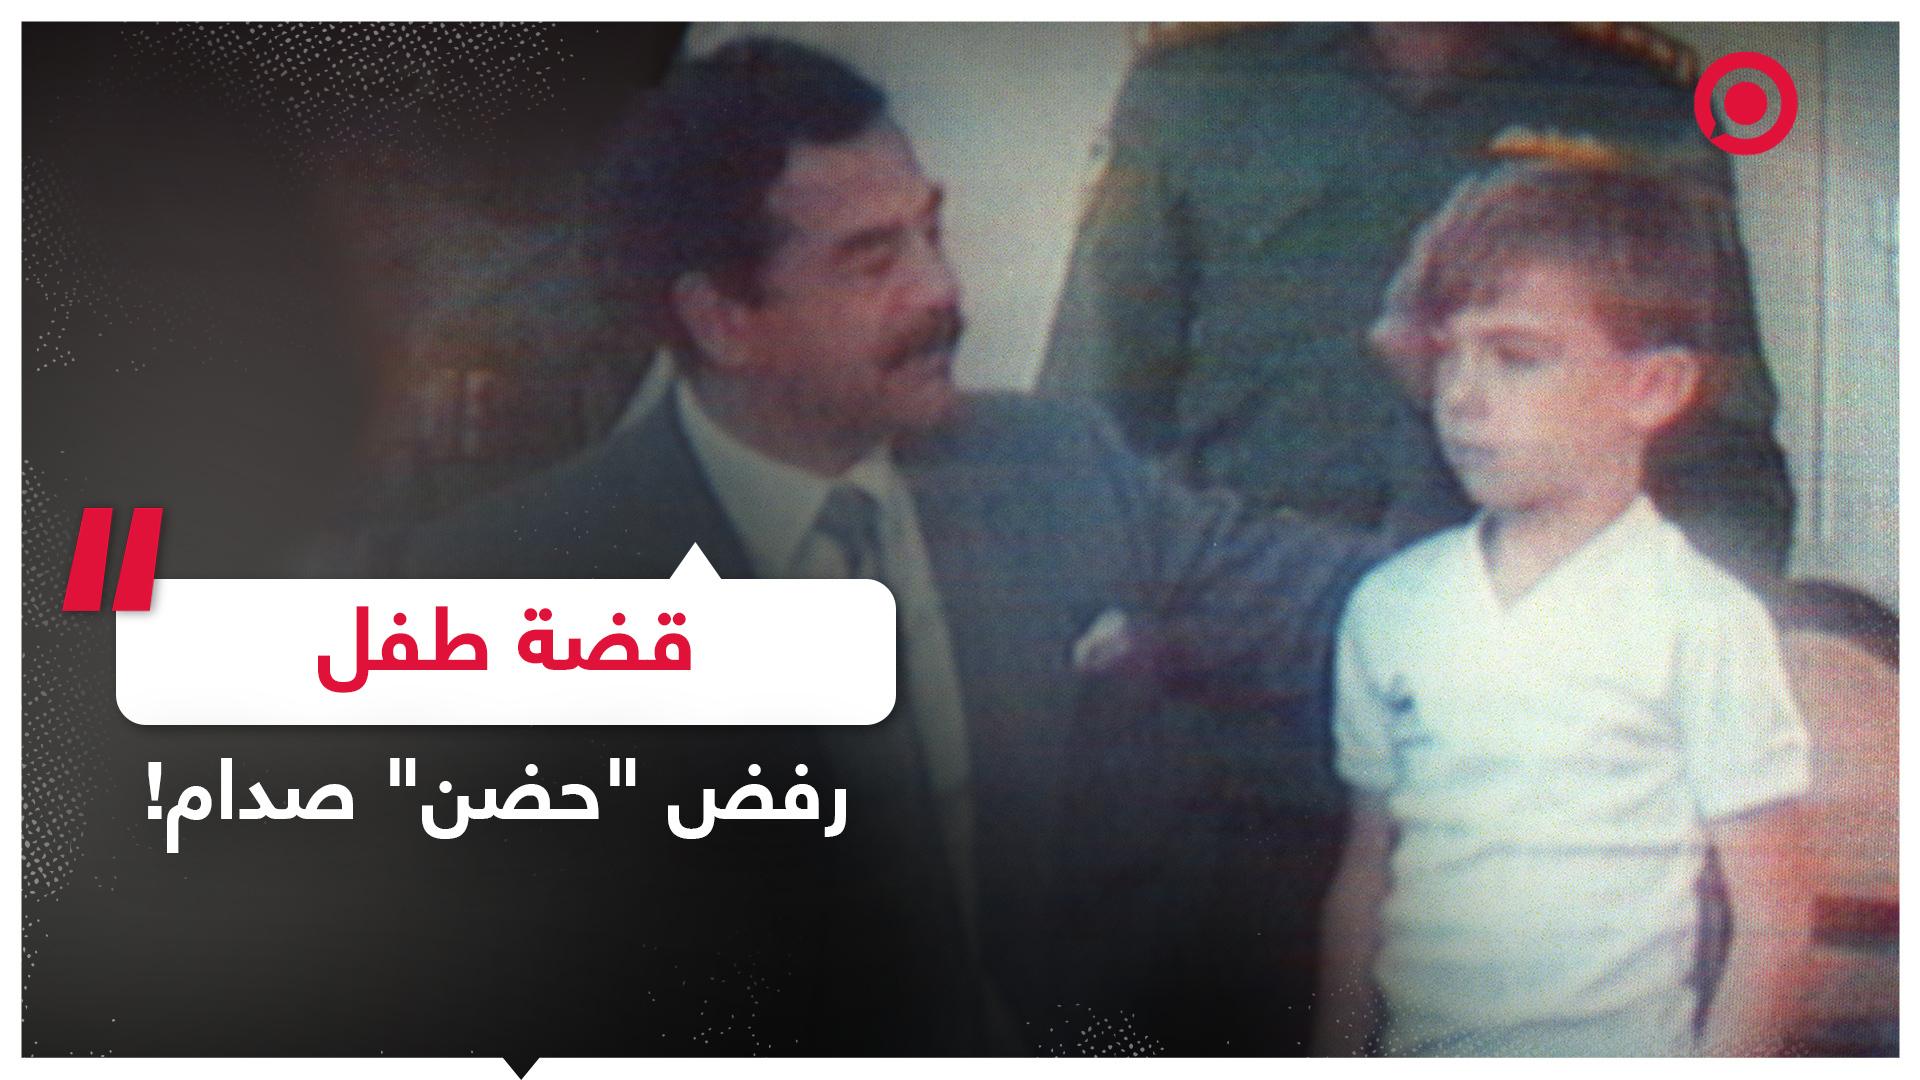 #العراق #الكويت #بريطانيا #طفل